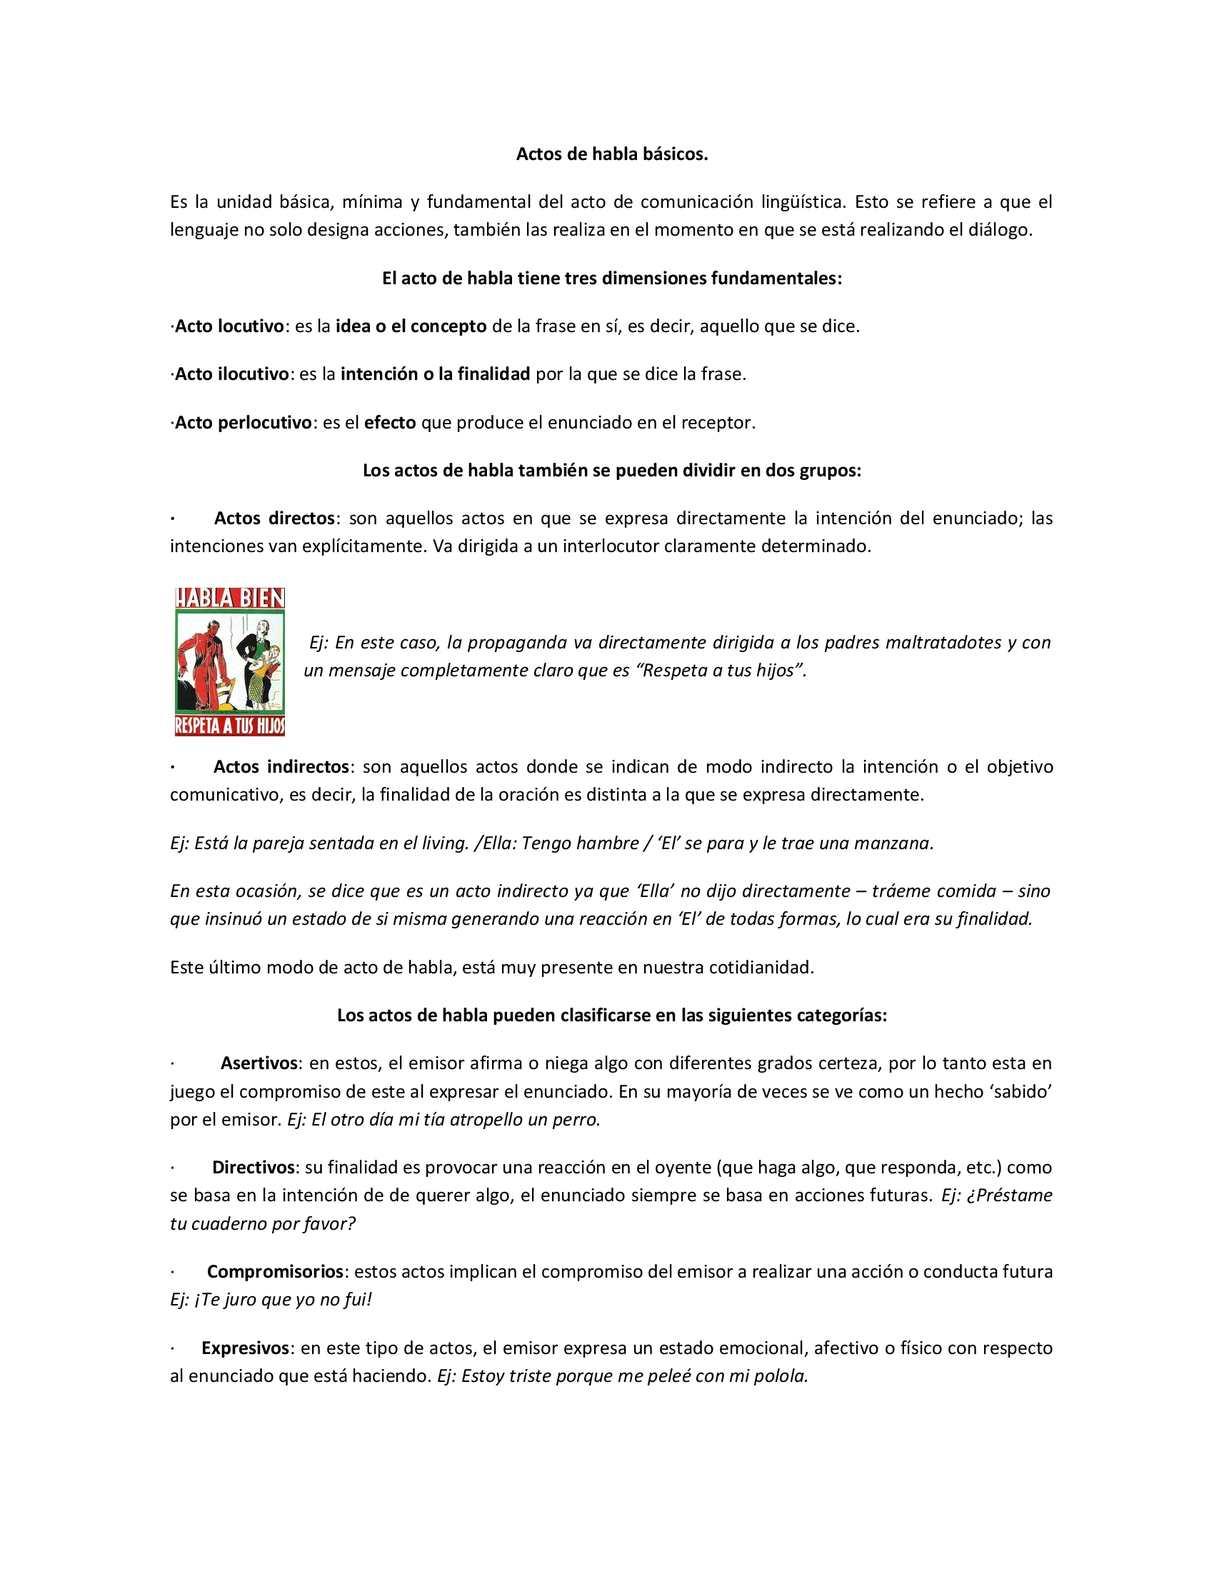 Guía de Materia y Actividades sobre los Actos del Habla